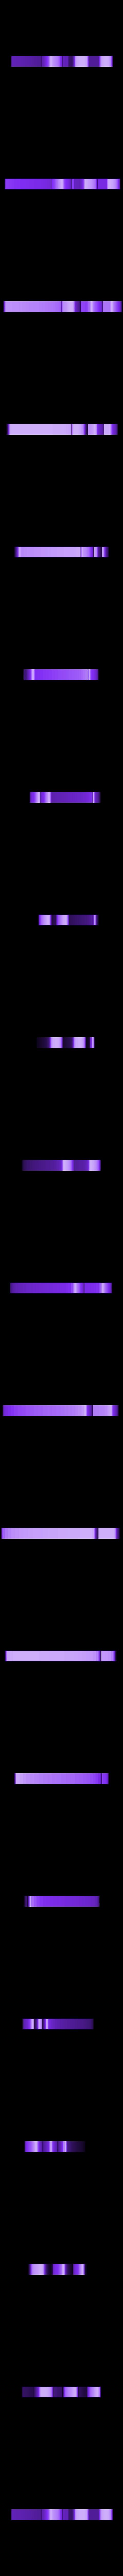 """W-2.stl Télécharger fichier STL gratuit LED light letters """"Why not?"""" • Objet pour impression 3D, dukedoks"""